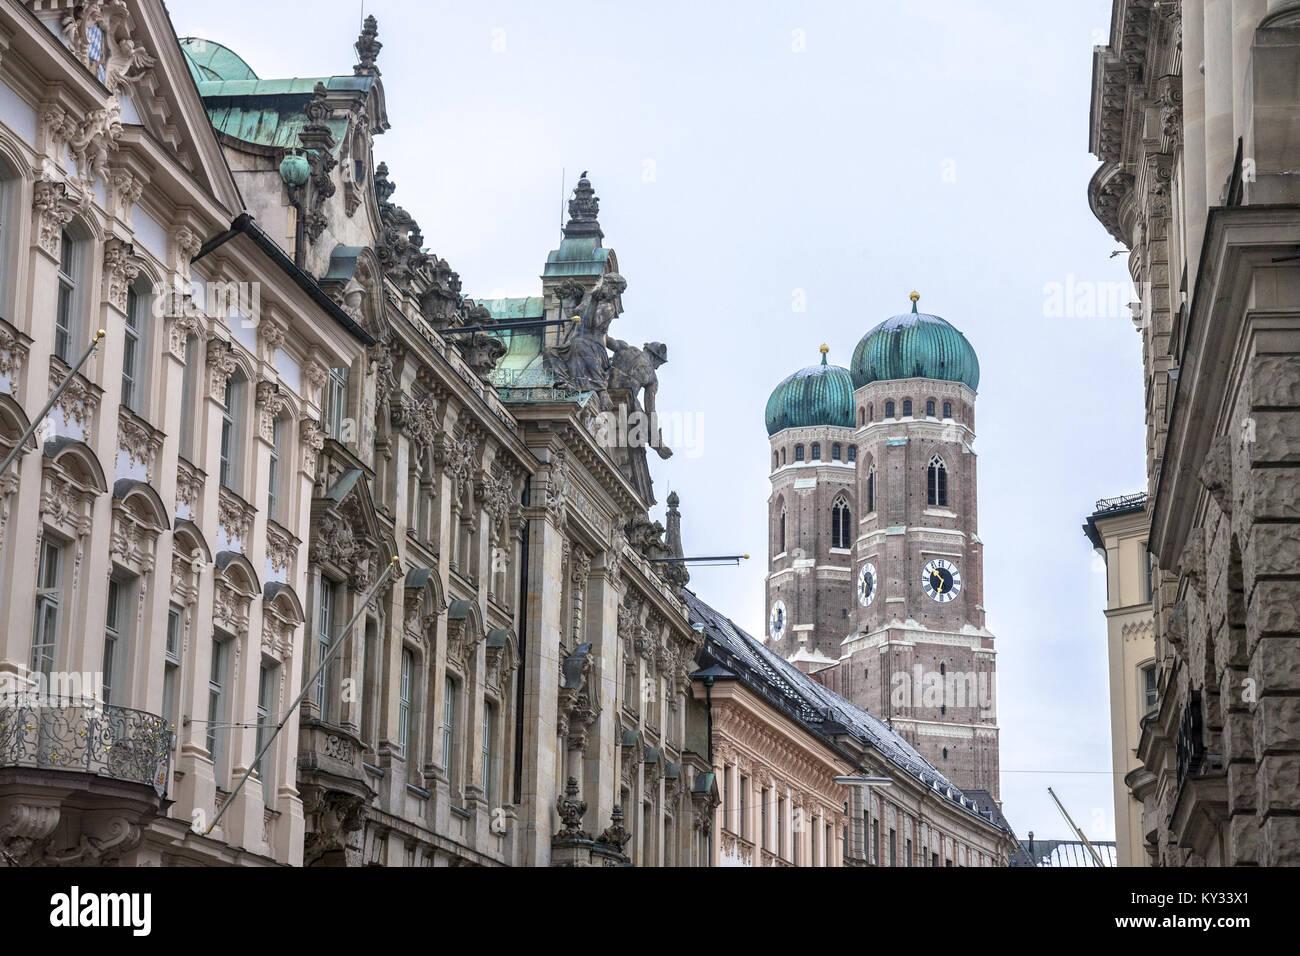 Munich Frauenkirche tomada desde una calle cercana medieval en invierno. La Frauenkirche es una iglesia en la ciudad Imagen De Stock